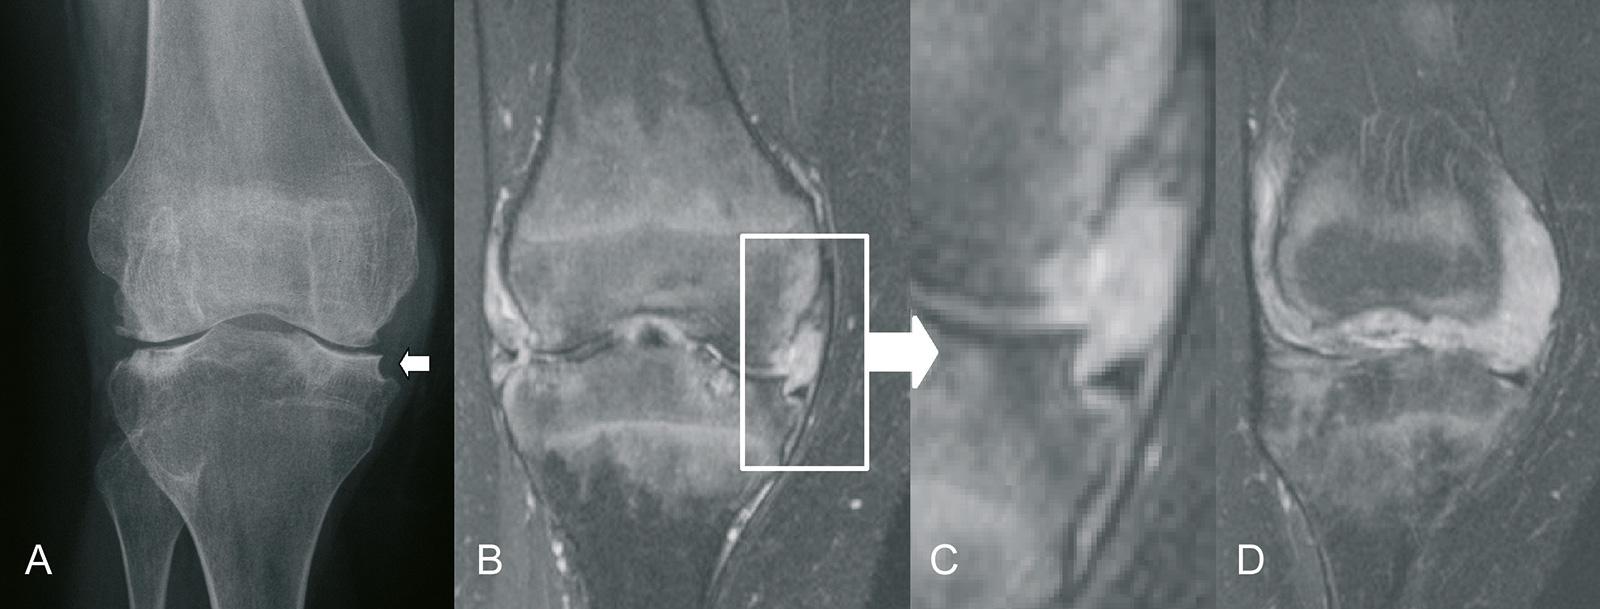 Abb. 1-70: Synovialitis mit Arrosion des Tibiaplateaus und Verschiebung des Meniskus in die Arrosion (A-C), ausgedehnter Pannus (D)